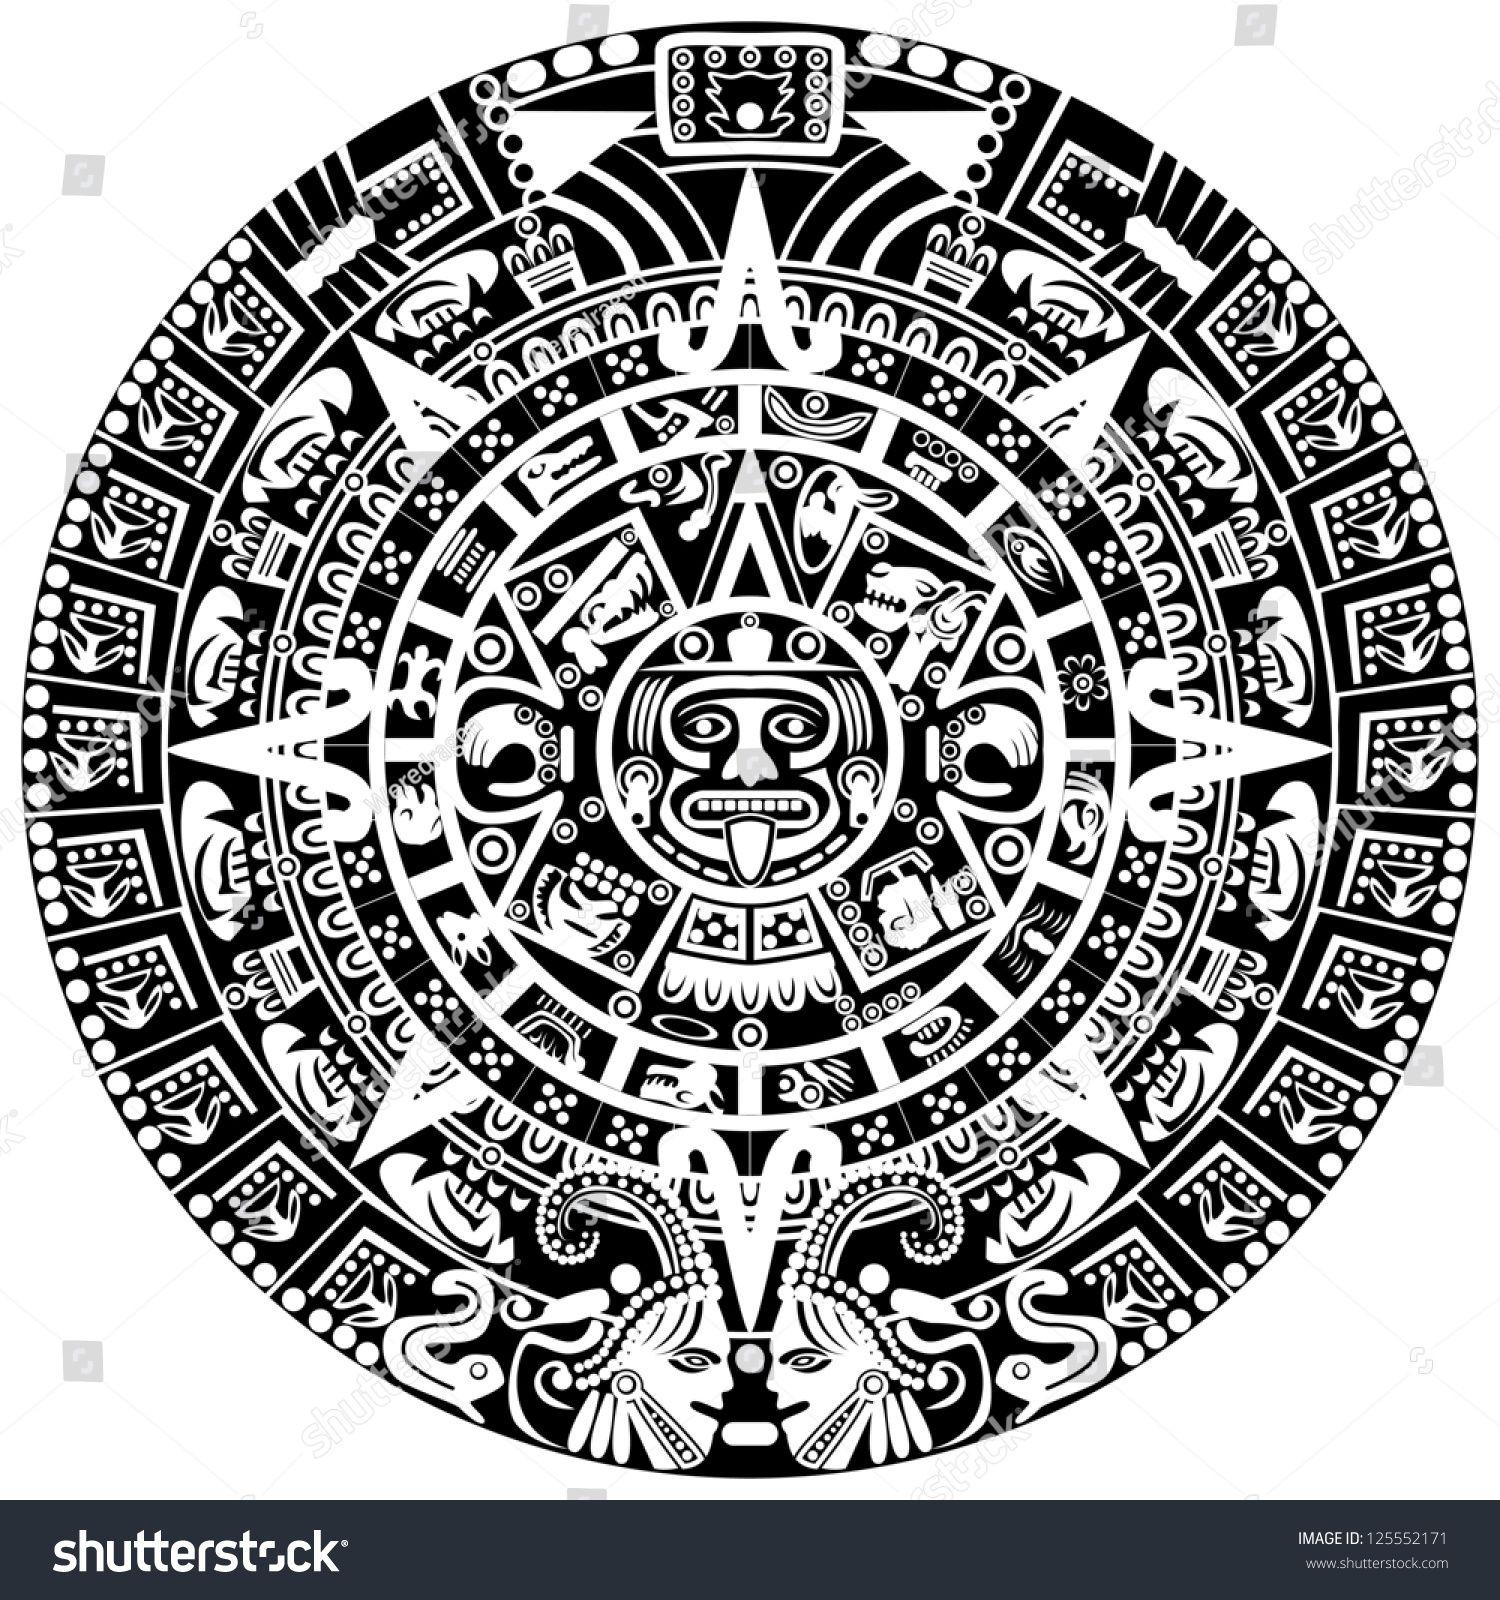 Calendario Vectorizado.Vector Of Mayan Calendar On White Background Tatuirovki